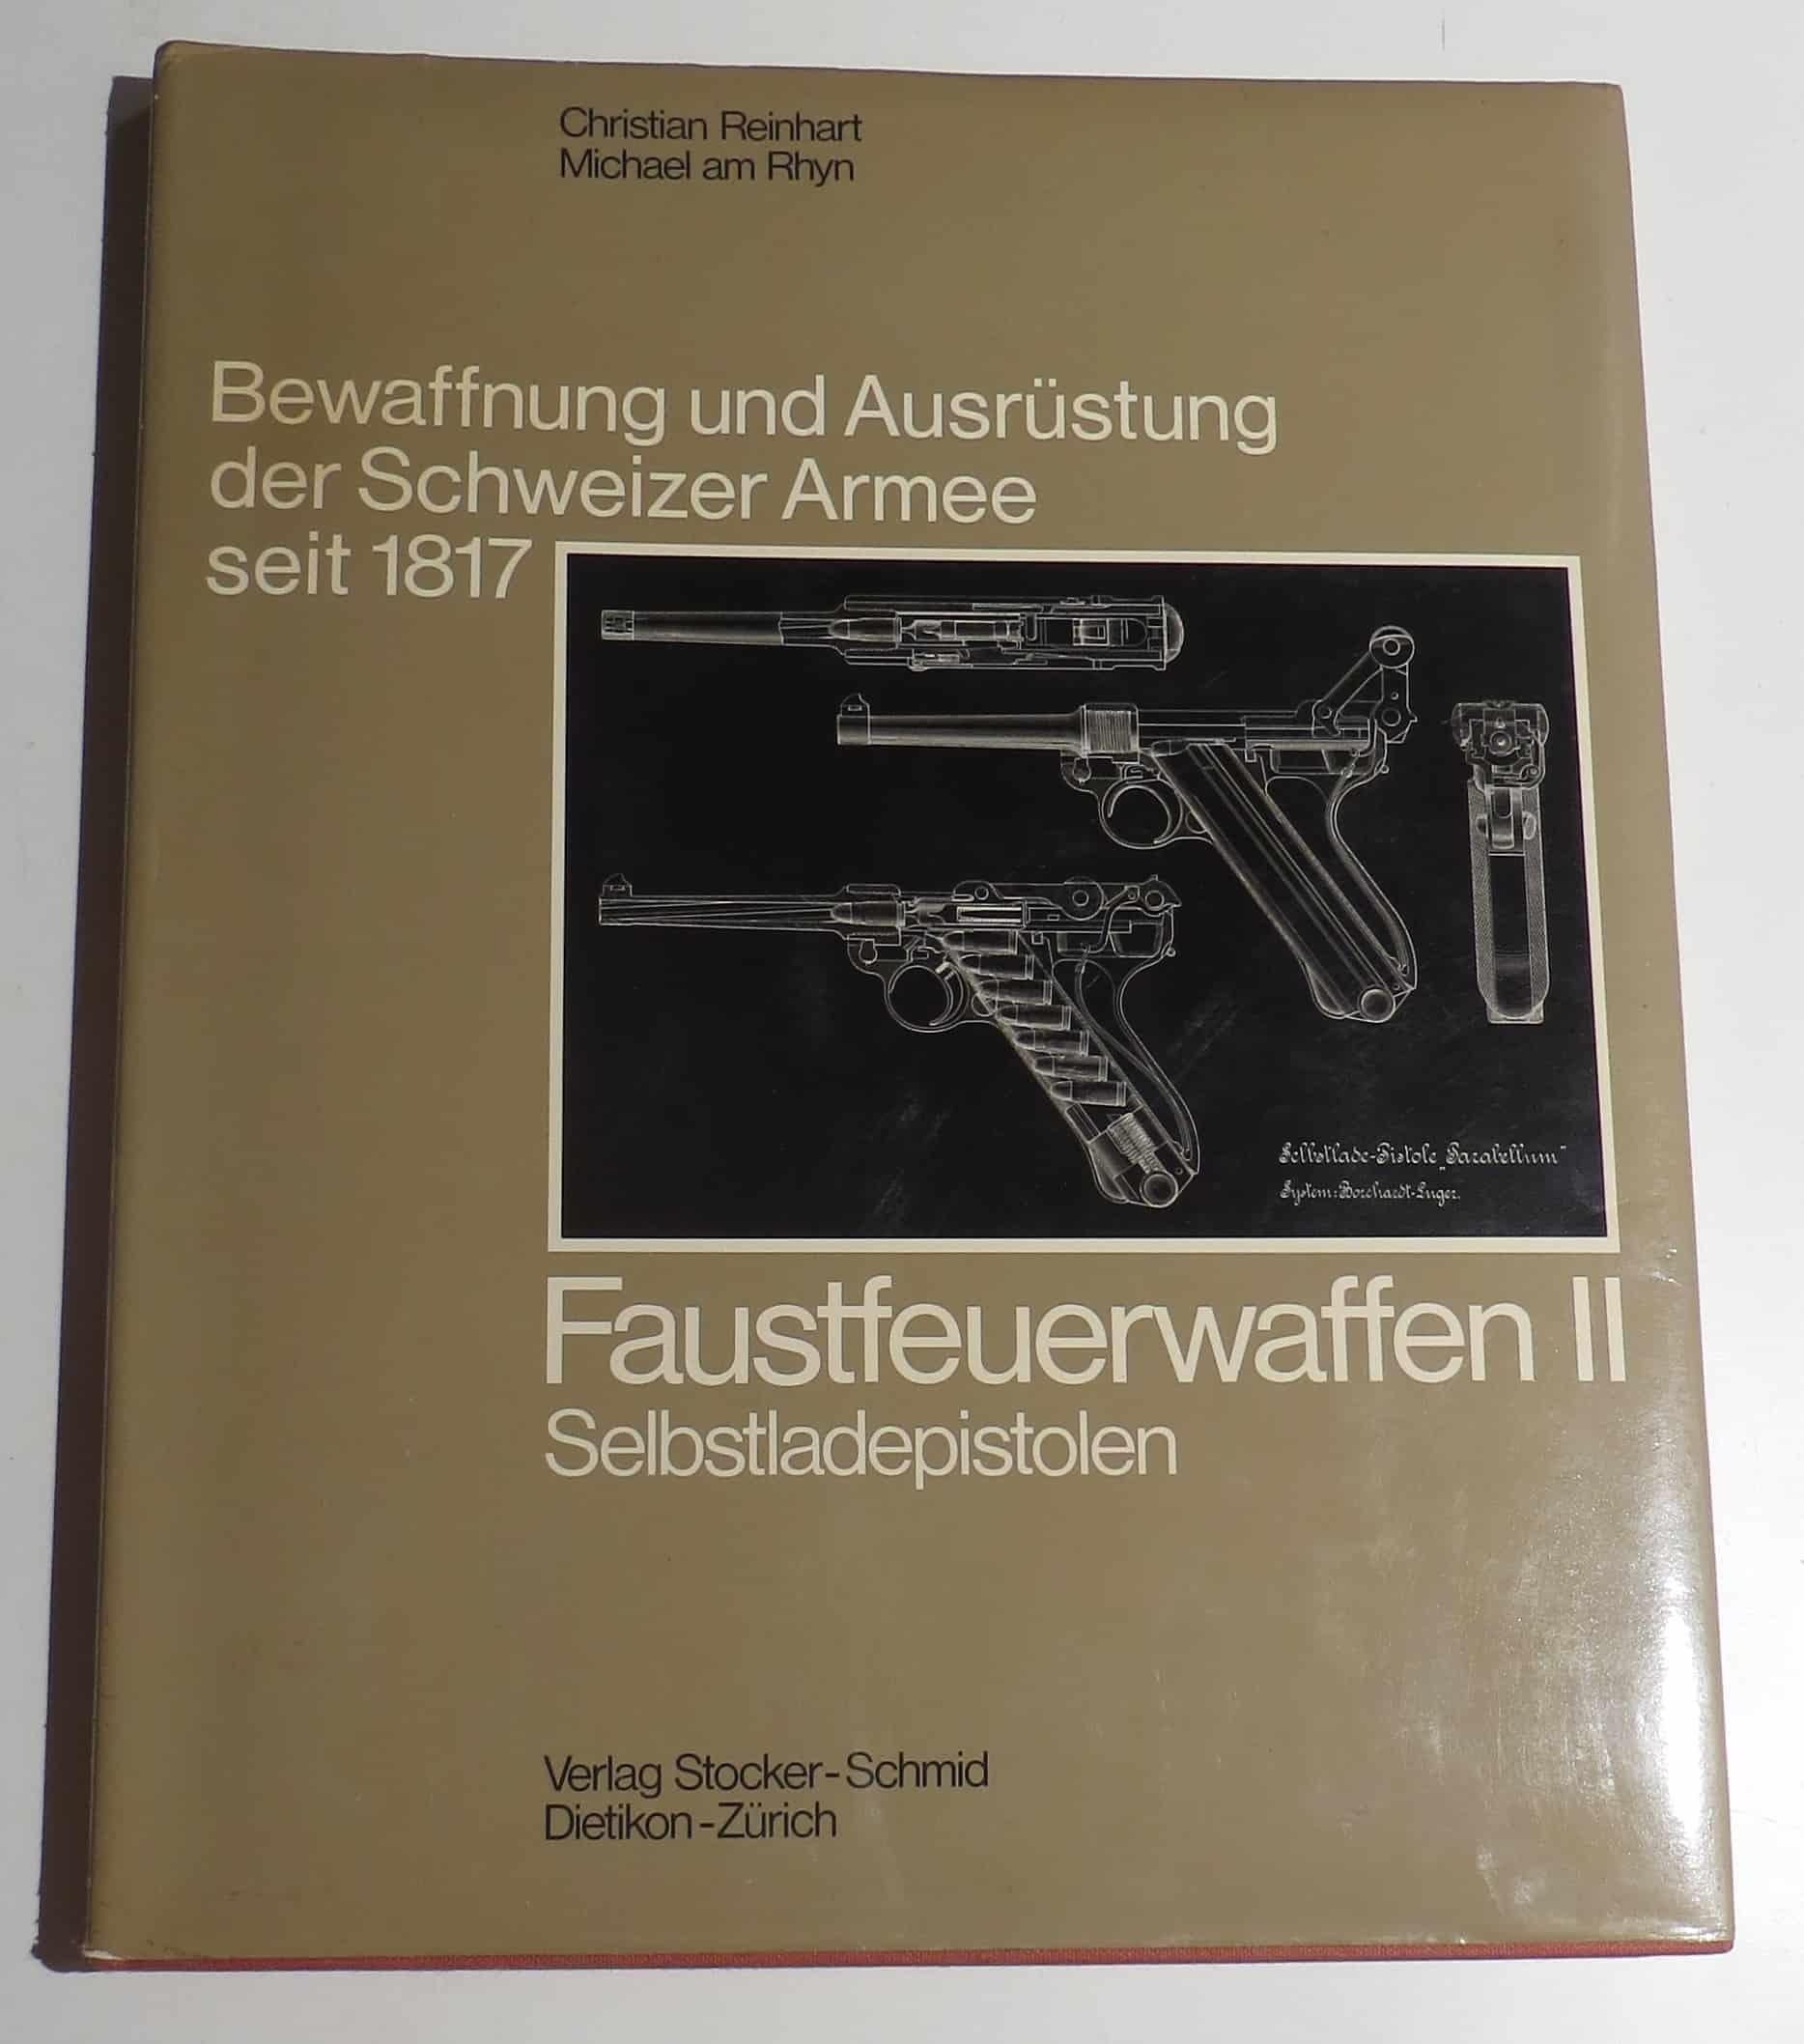 Faustfeuerwaffen II